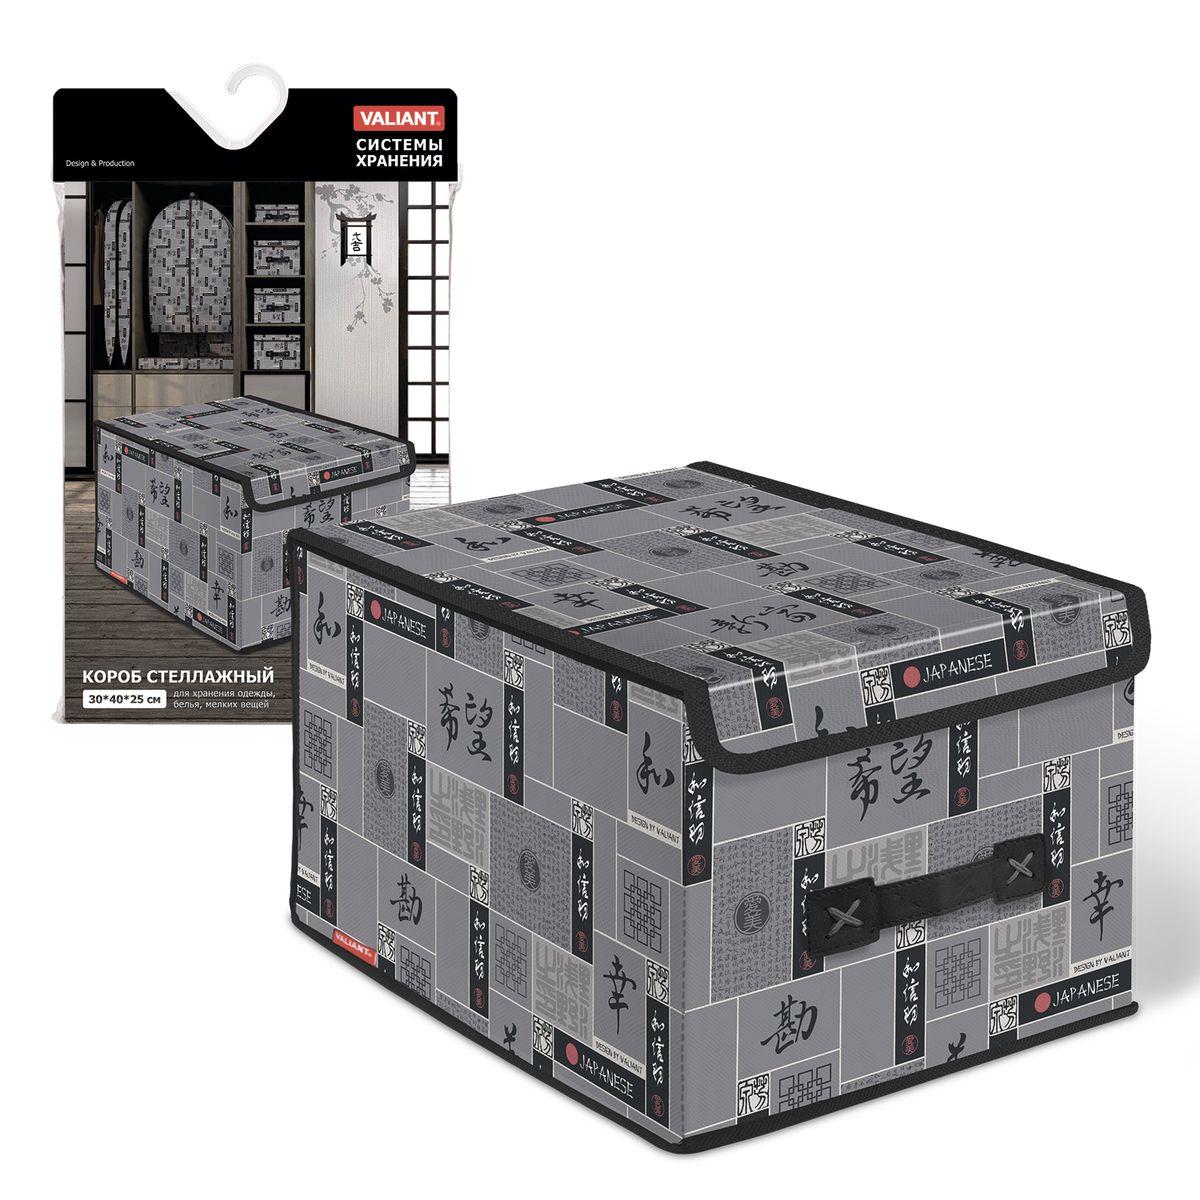 Короб стеллажный Valiant Japanese Black, с крышкой, 30 х 40 х 25 смJB-BOX-LMСтеллажный короб Valiant Japanese Black изготовлен из высококачественного нетканого материала, который обеспечивает естественную вентиляцию, позволяя воздуху проникать внутрь, но не пропускает пыль. Вставки из плотного картона хорошо держат форму. Короб снабжен специальной крышкой, которая фиксируется с помощью двух магнитов. Изделие отличается мобильностью: легко раскладывается и складывается. В таком коробе удобно хранить одежду, белье и мелкие аксессуары.Красивый авторский дизайн прекрасно впишется в интерьер женского гардероба и создаст трогательную атмосферу романтического настроения. Оригинальный дизайн придется по вкусу ценительницам эстетичного хранения. Системы хранения в едином дизайне сделают вашу гардеробную изысканной и невероятно стильной.